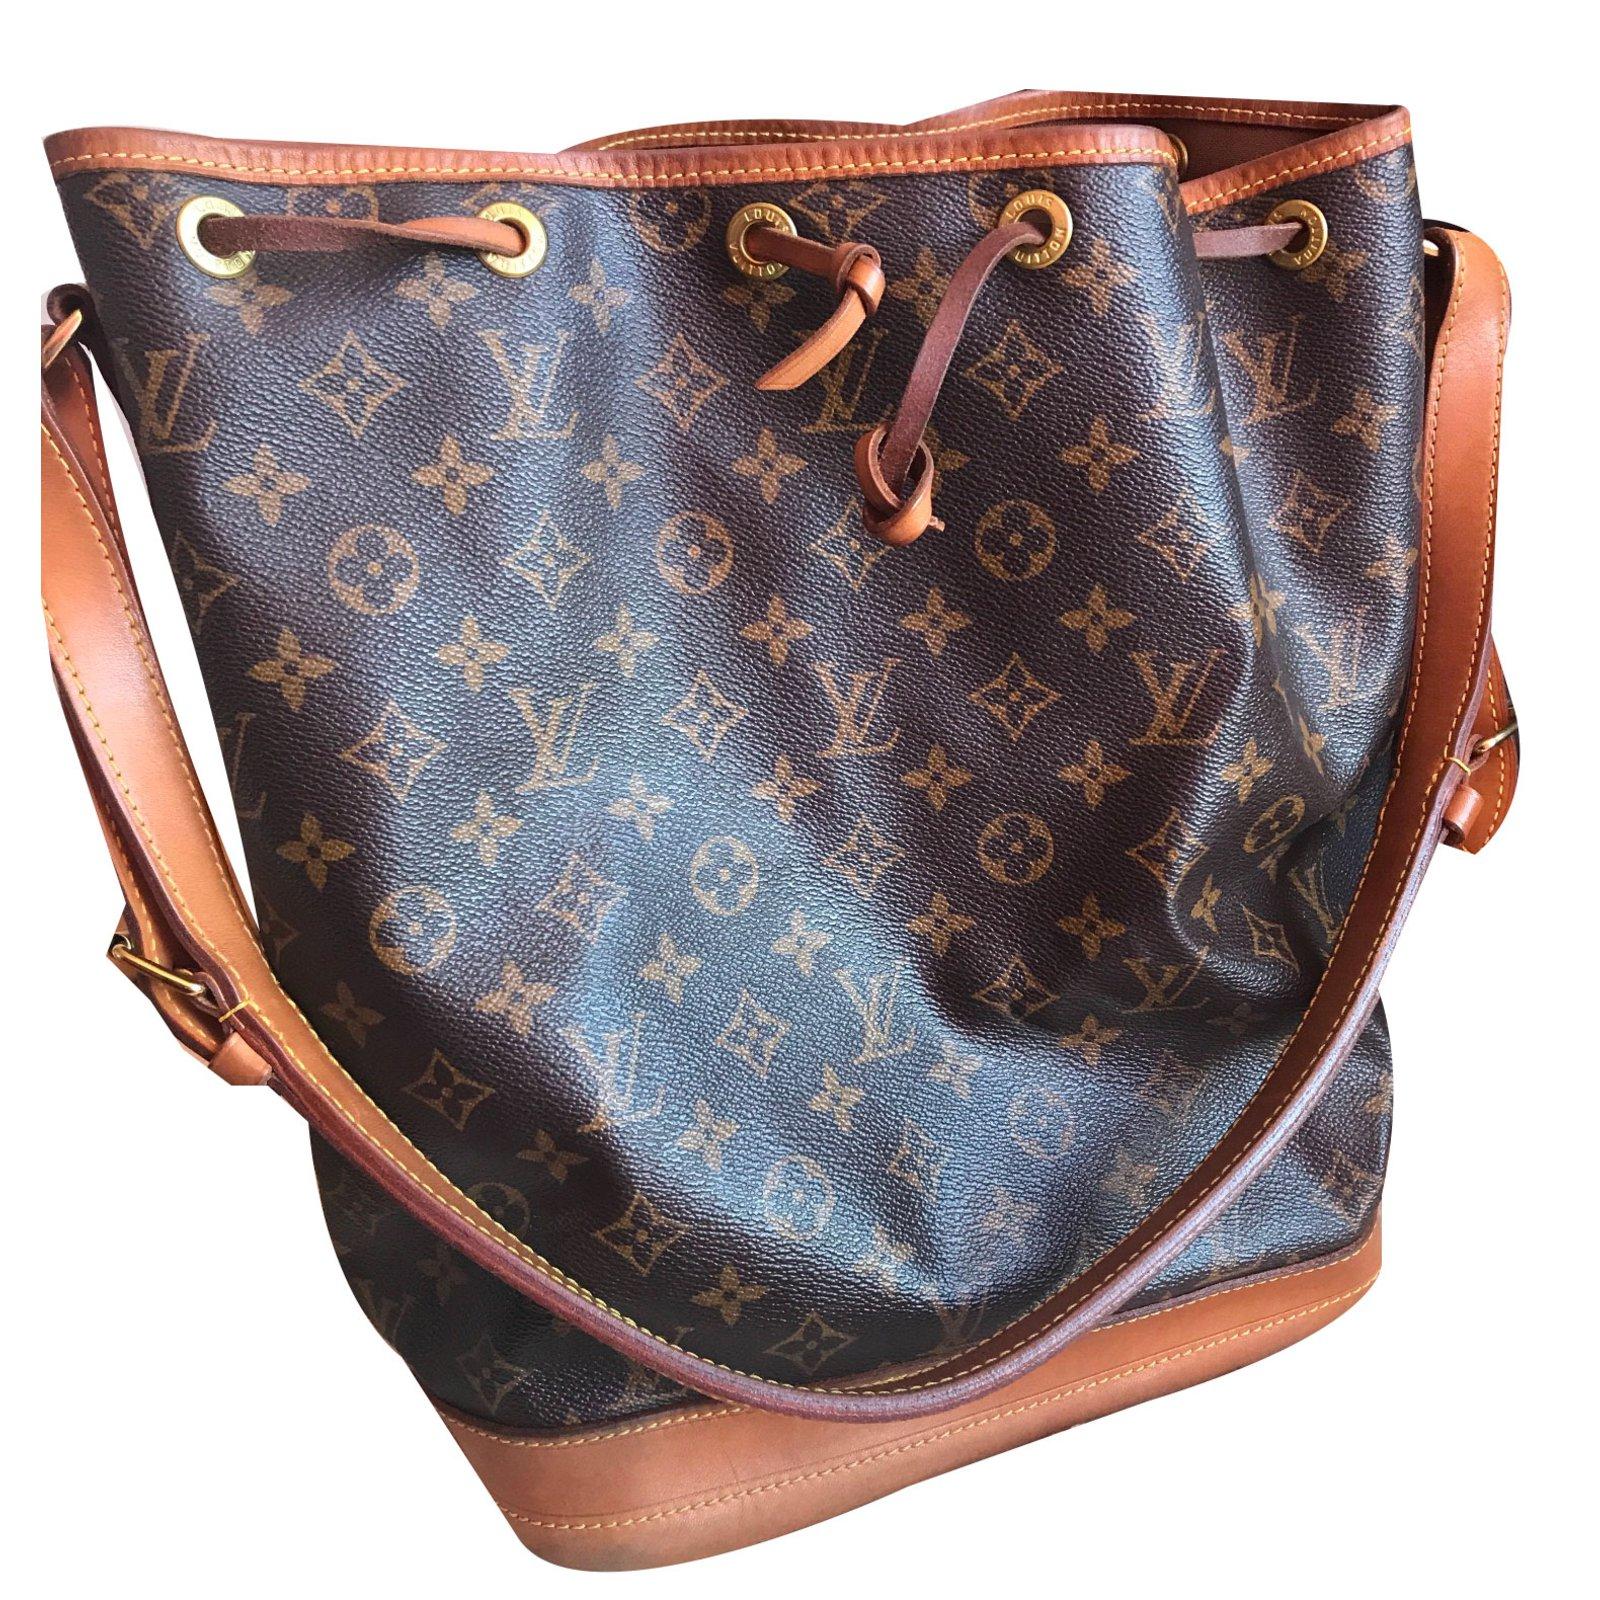 920332cc398d5 Louis Vuitton Sac Noé GM Canvas Monogram Handbags Leather